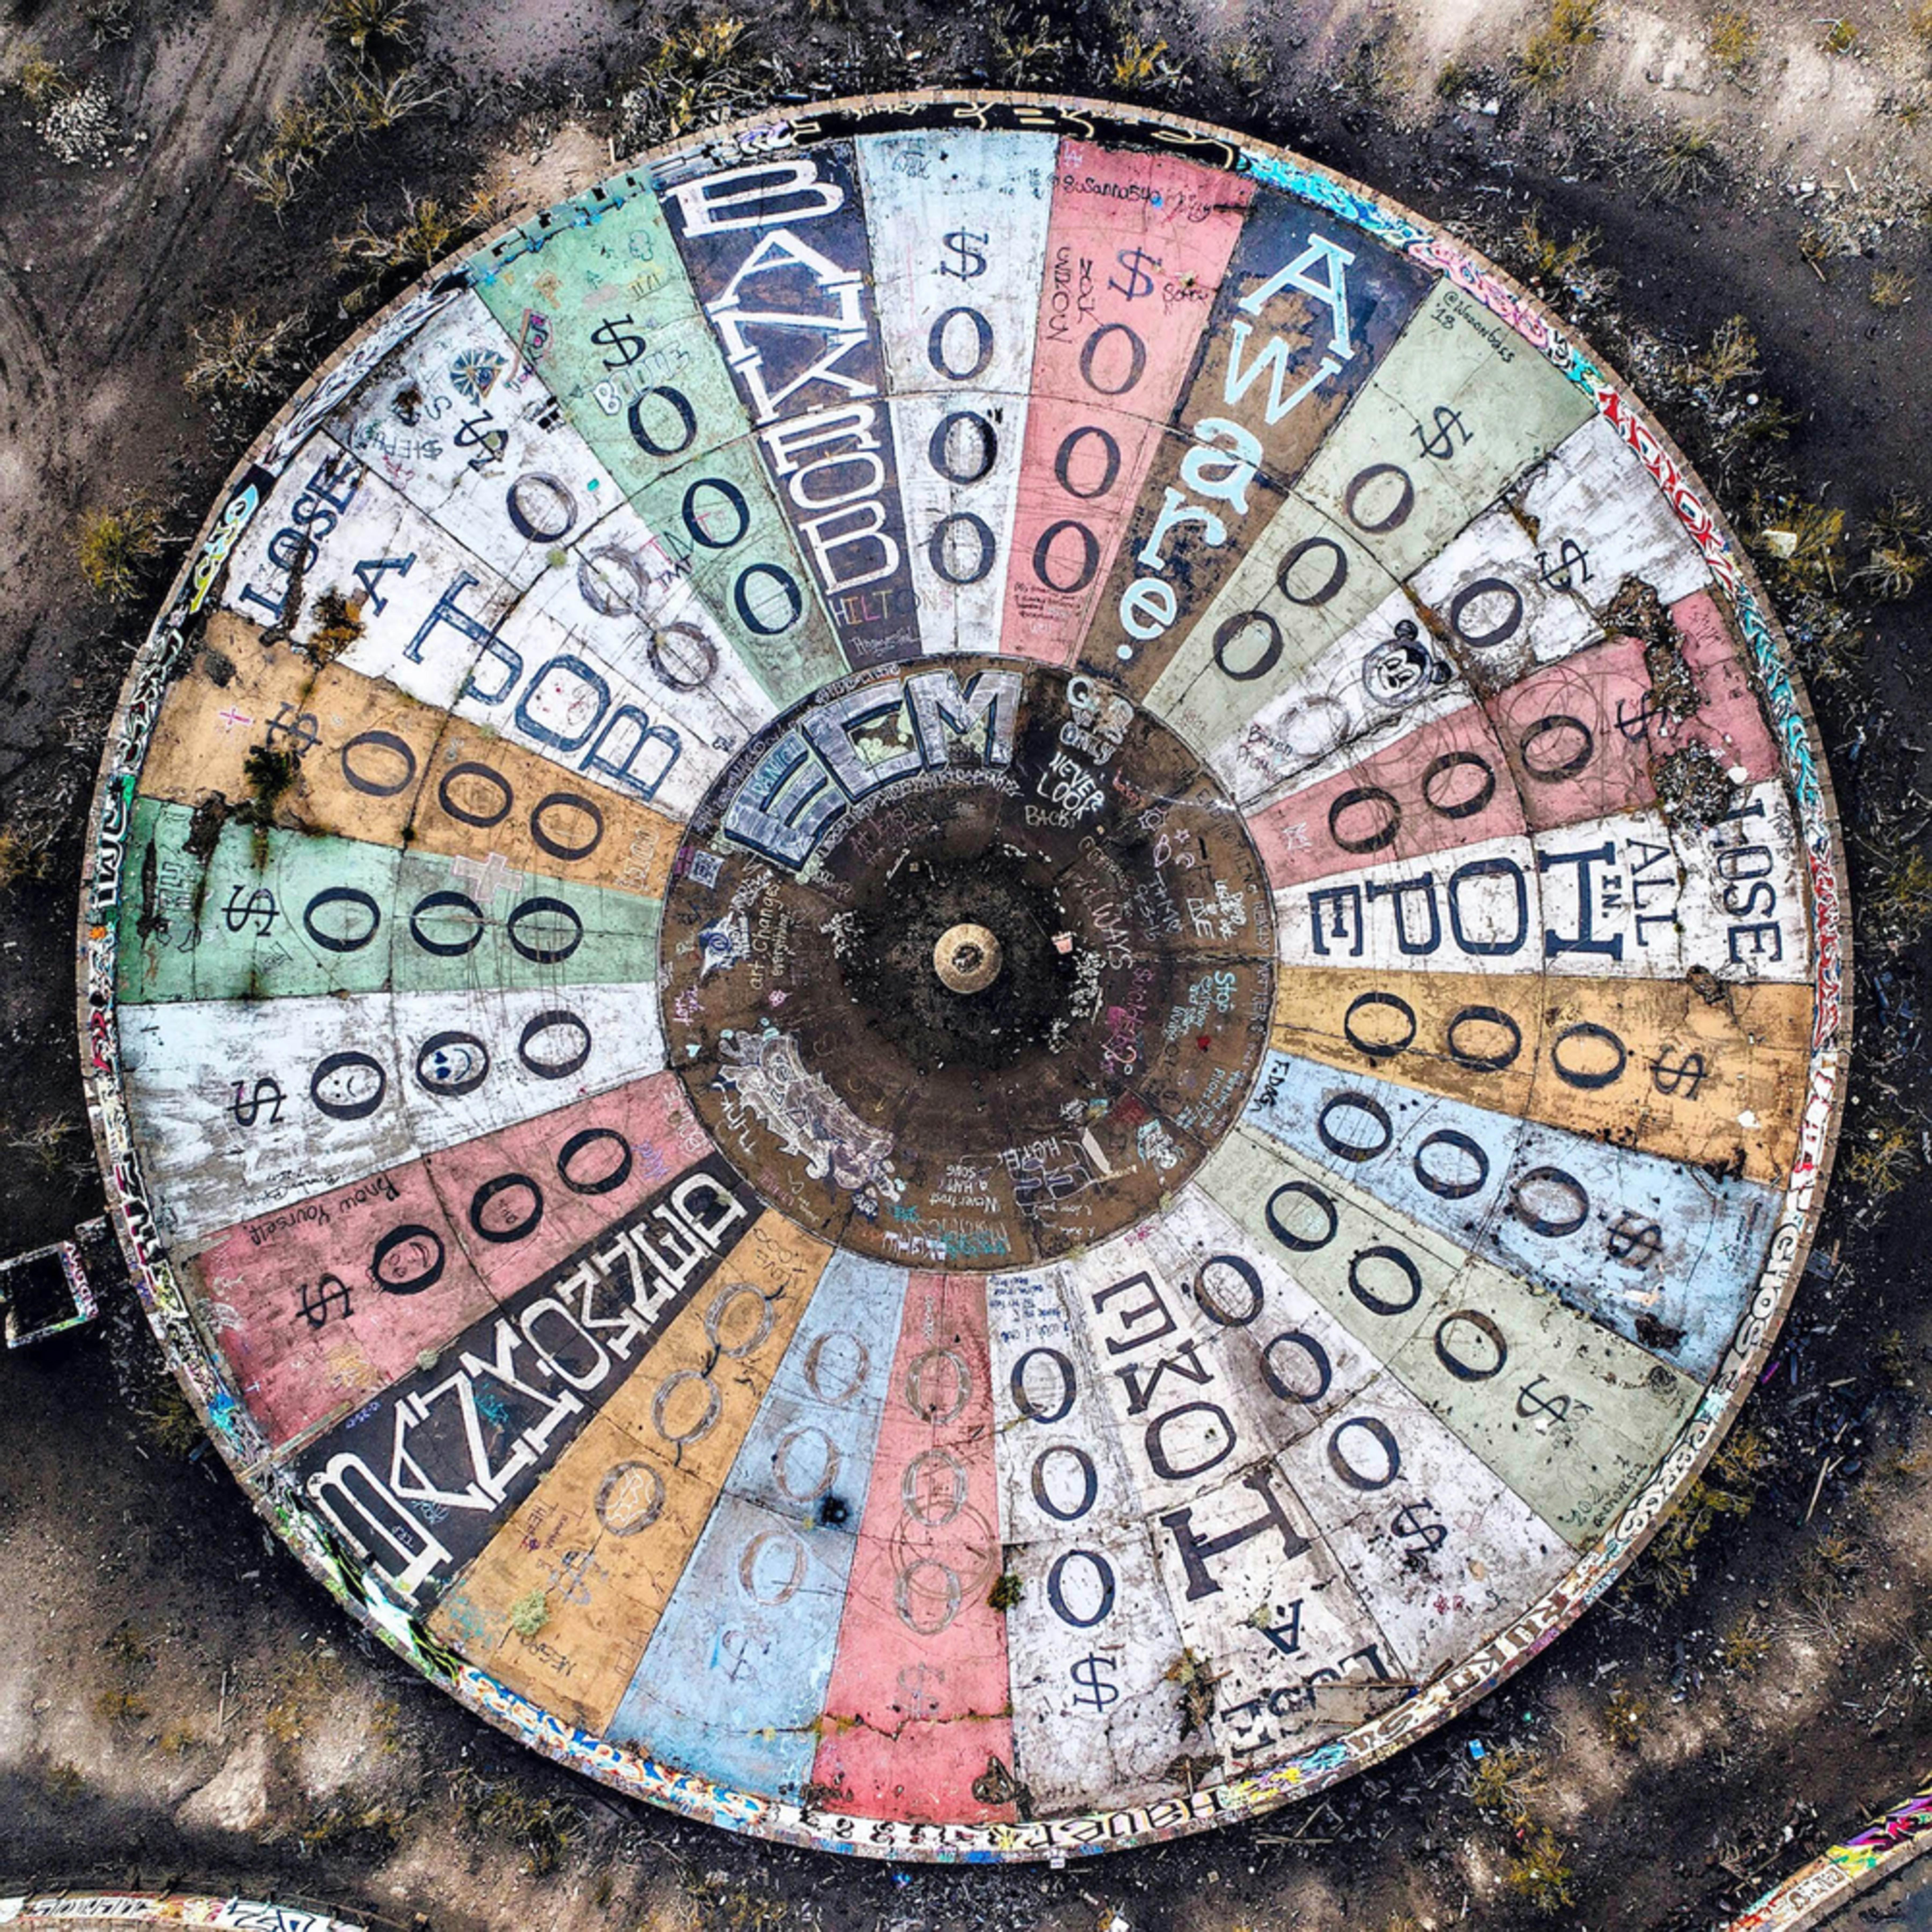 Wheel of misfortune final square copy mascvu